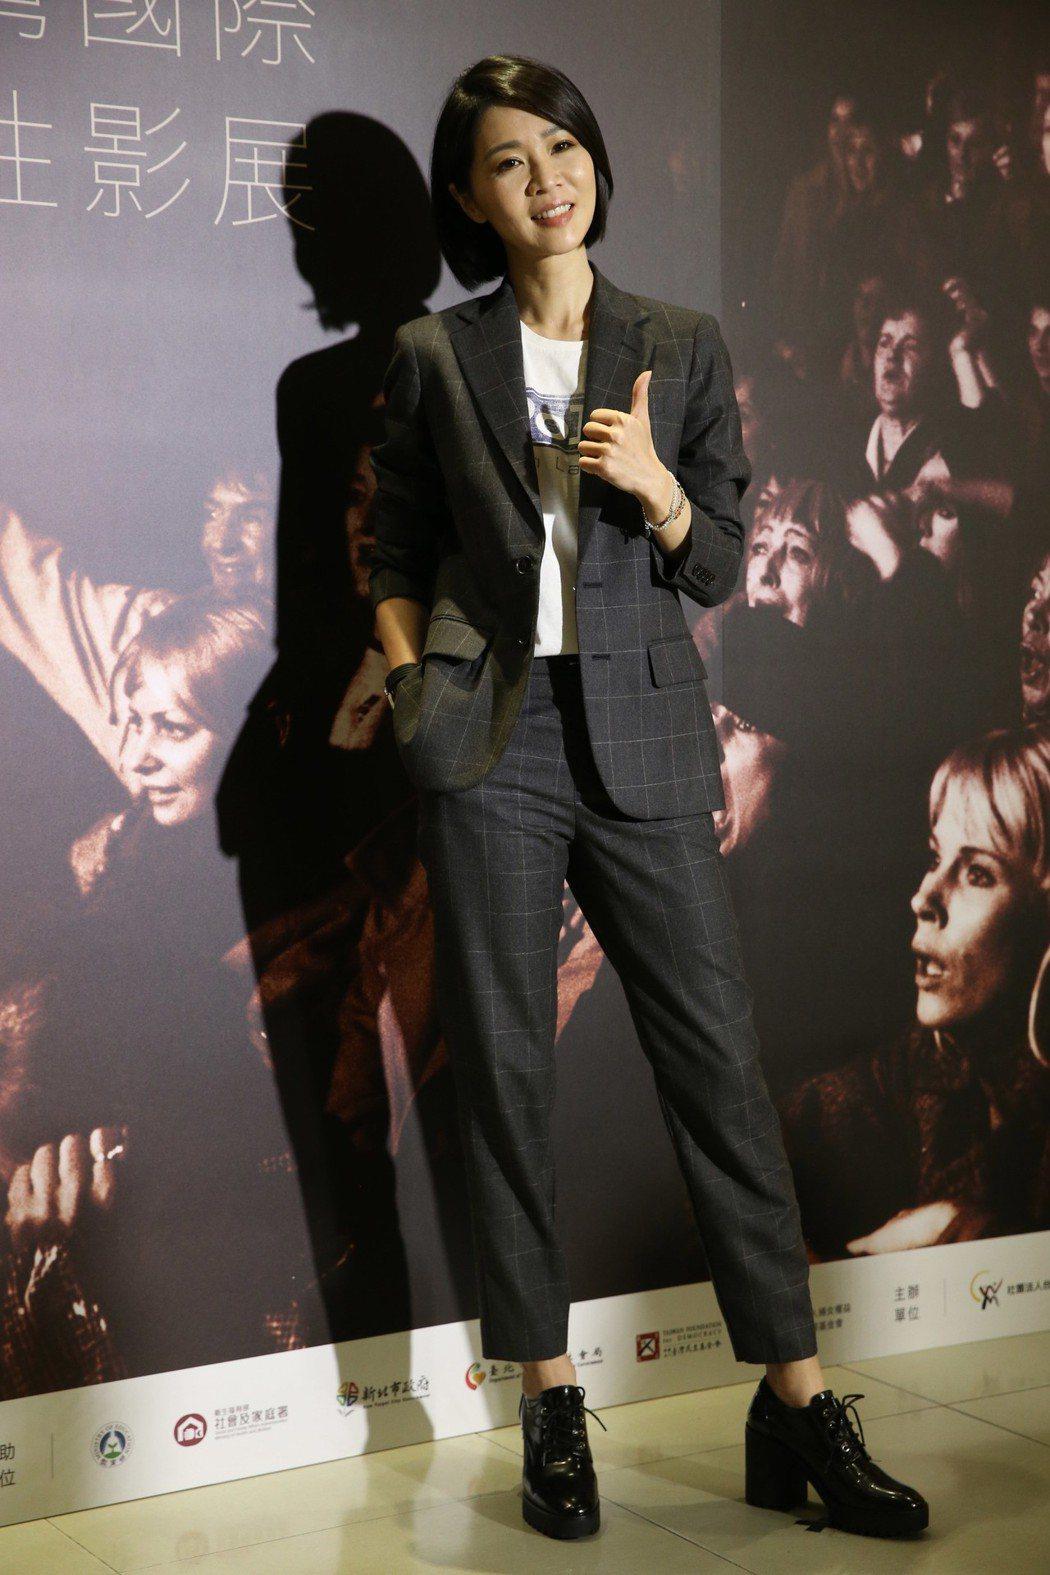 謝盈萱擔任第二十五屆台灣國際女性影展開幕引言人,在記者會上亮相分享心情。記者林俊